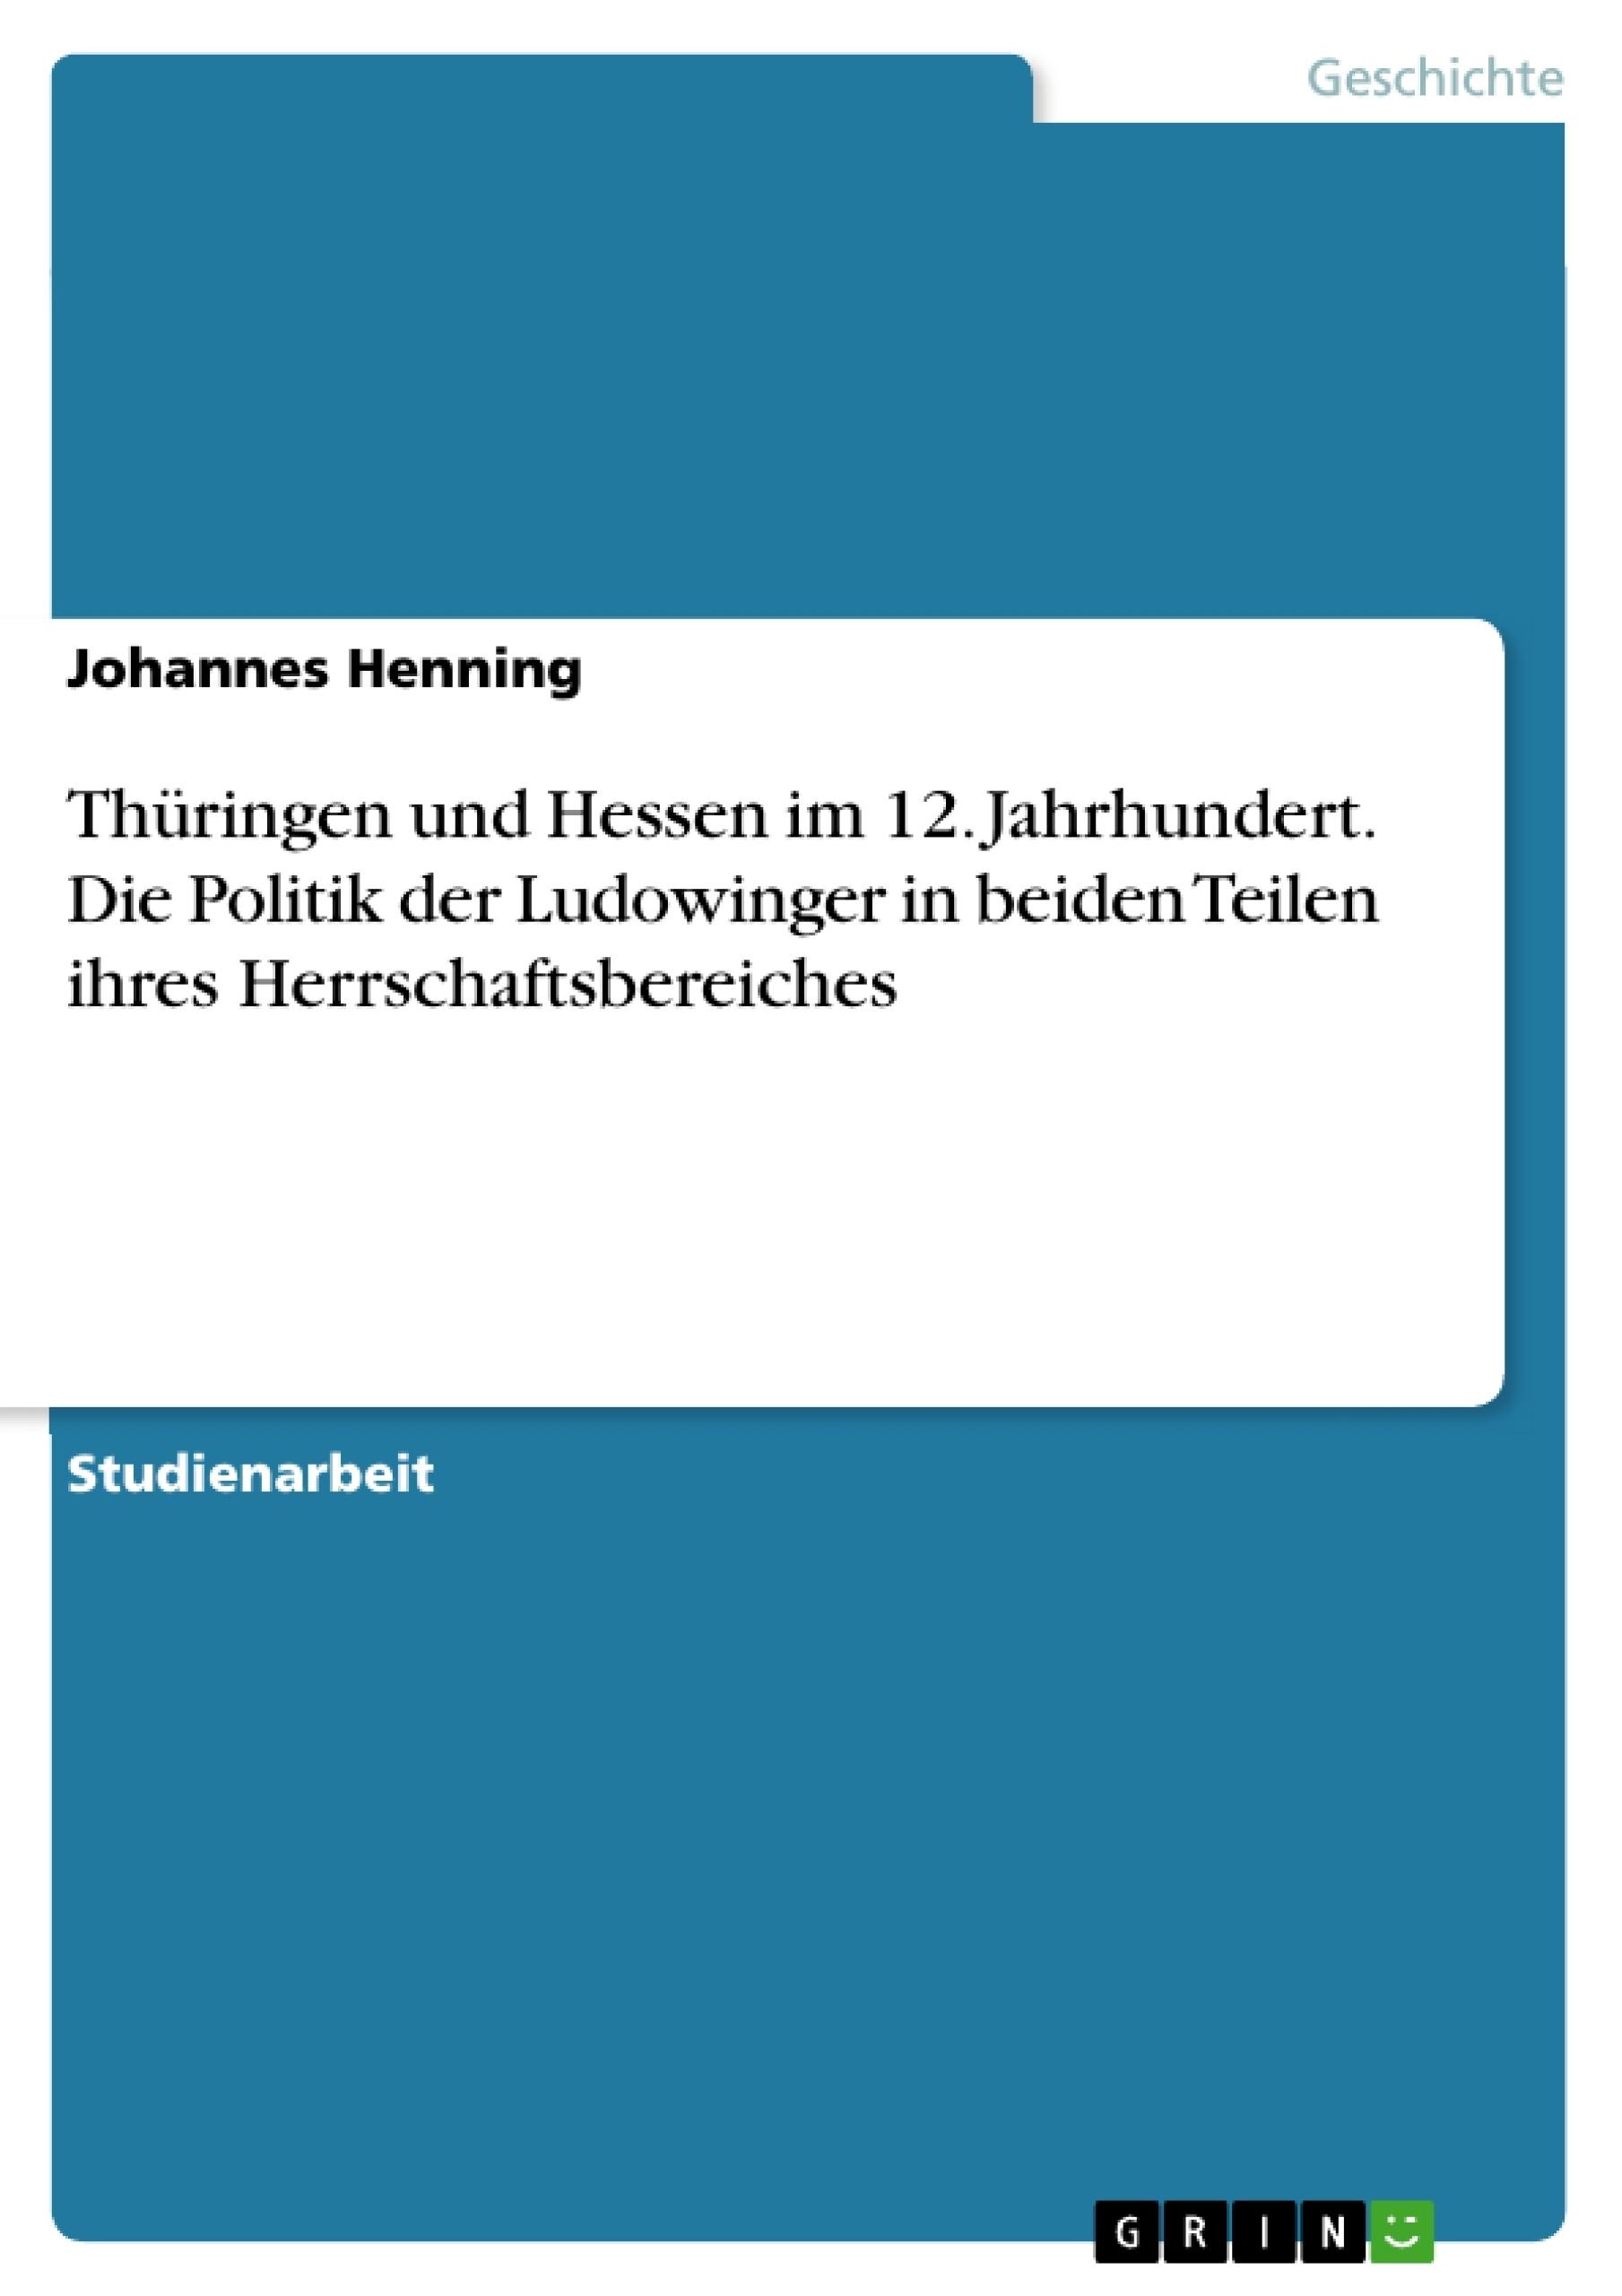 Titel: Thüringen und Hessen im 12. Jahrhundert. Die Politik der Ludowinger in beiden Teilen ihres Herrschaftsbereiches